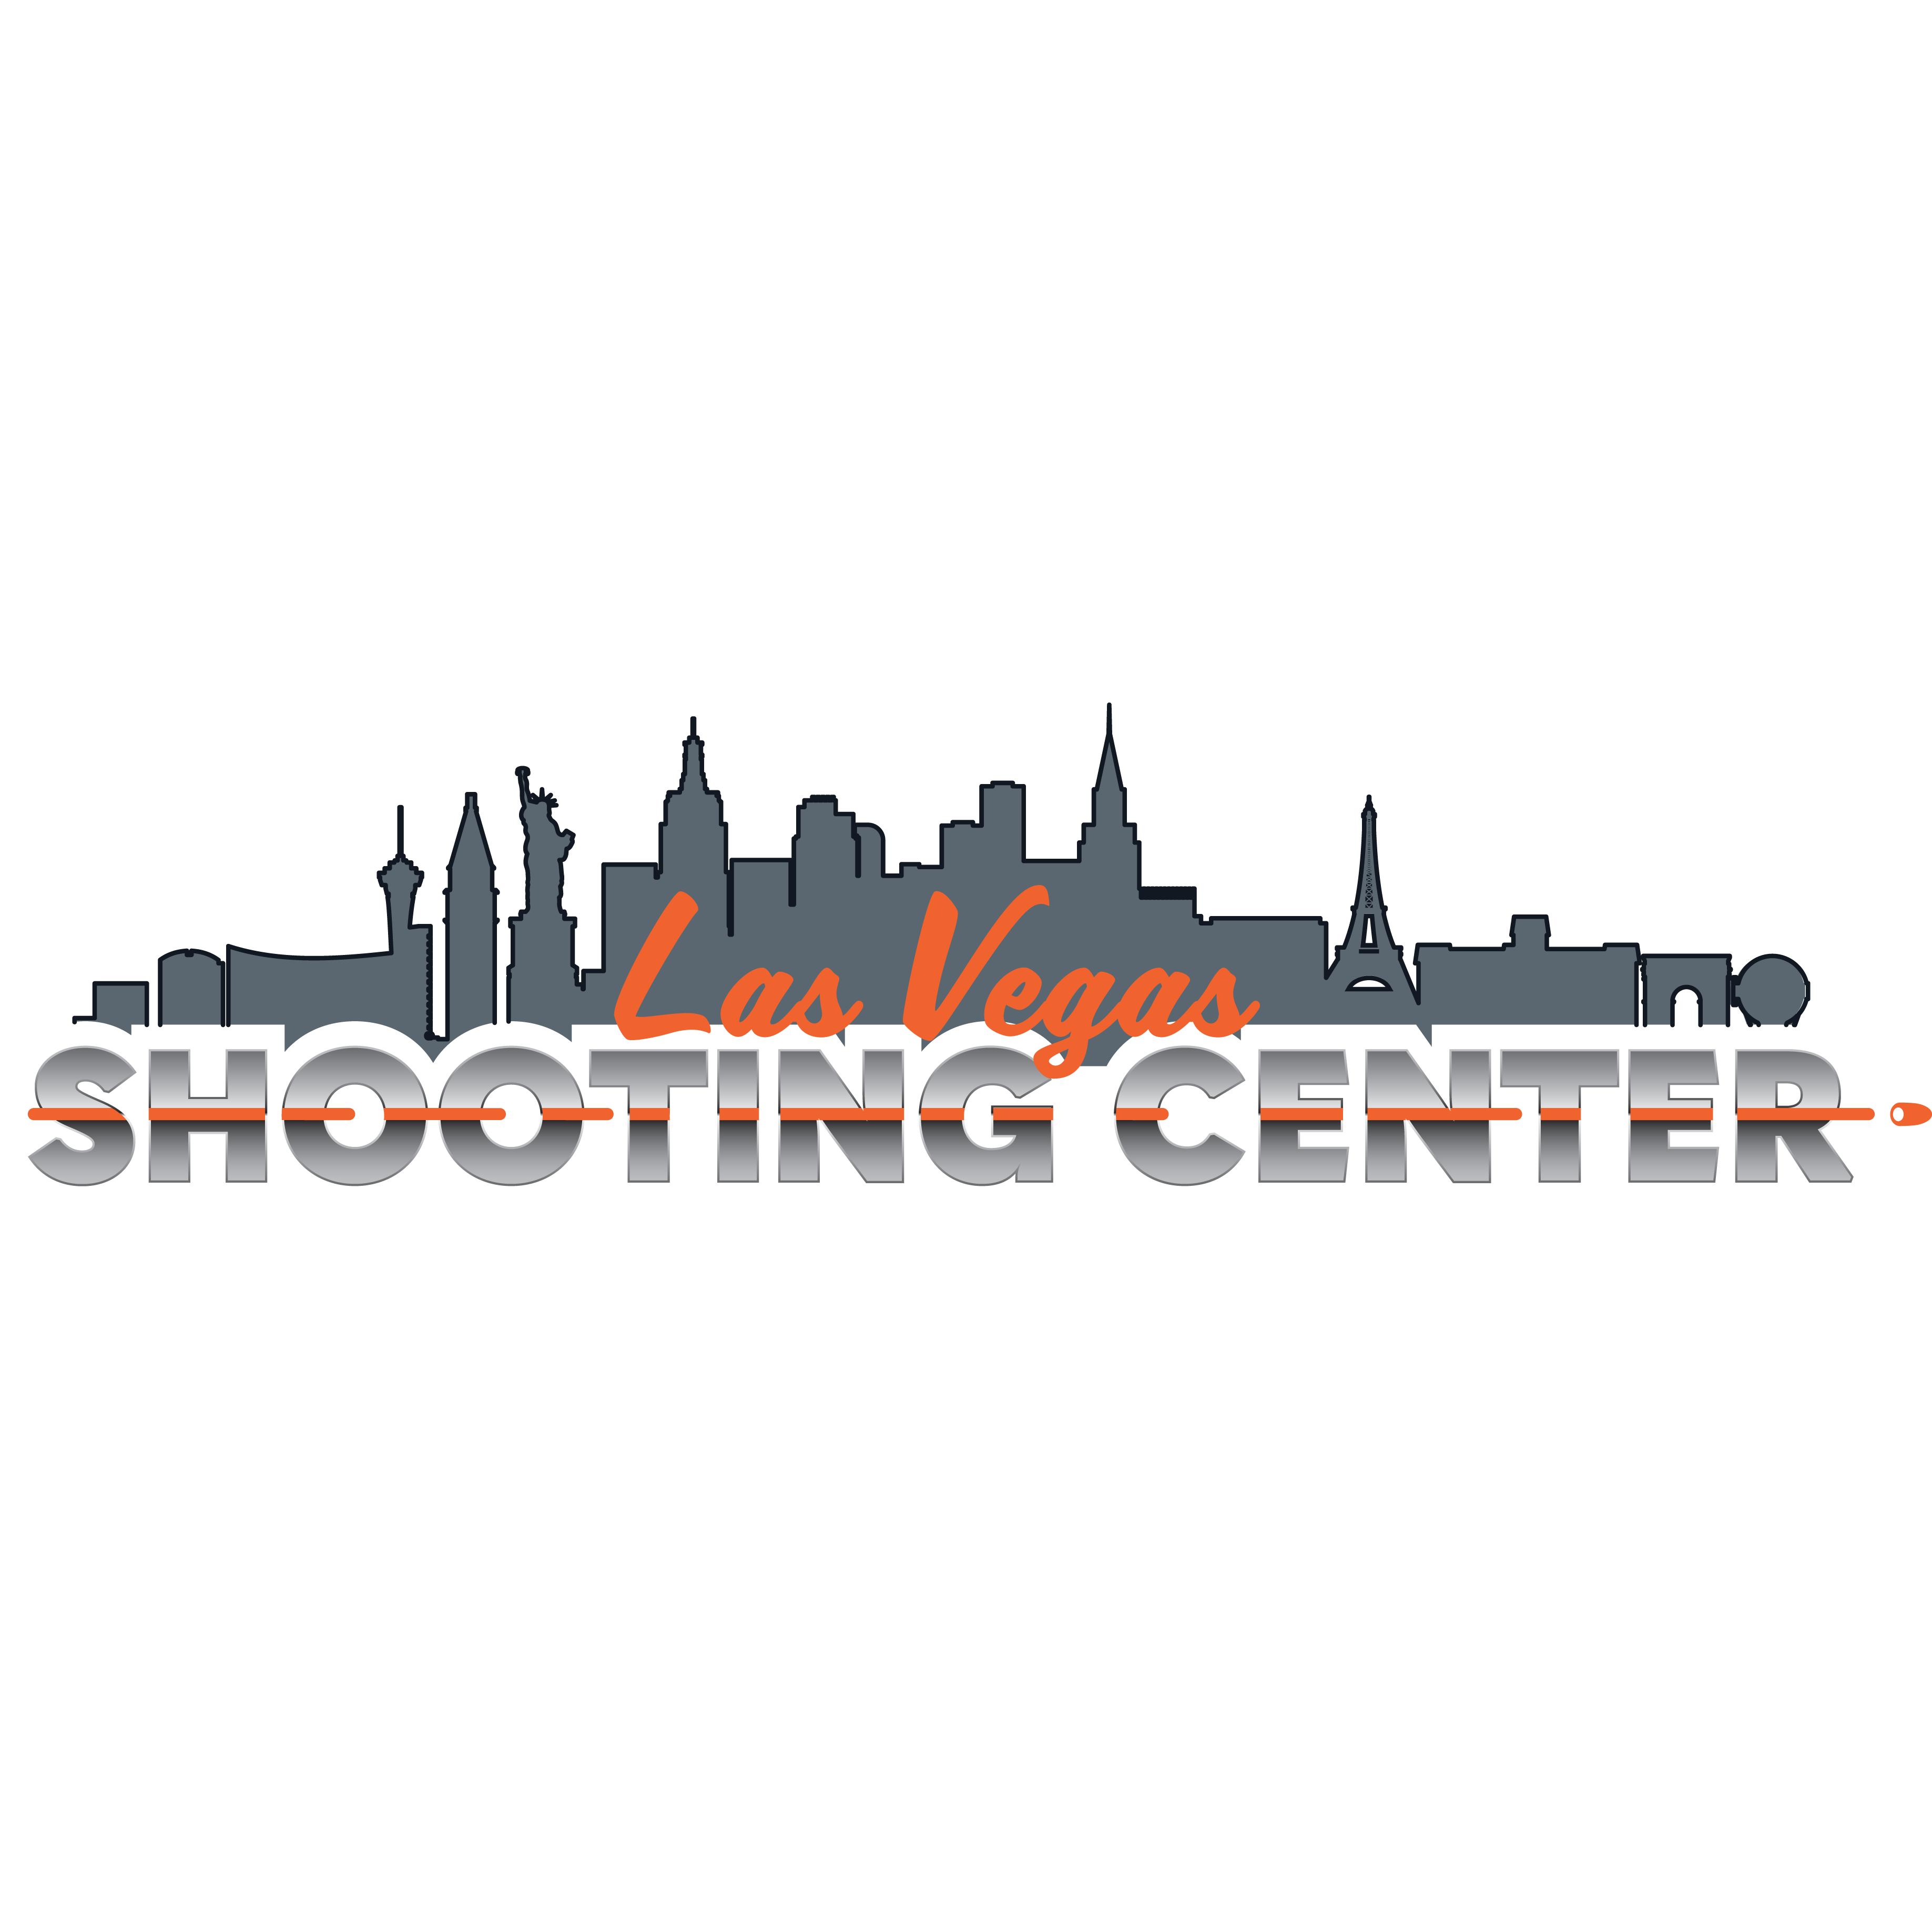 Las Vegas Shooting Center image 13